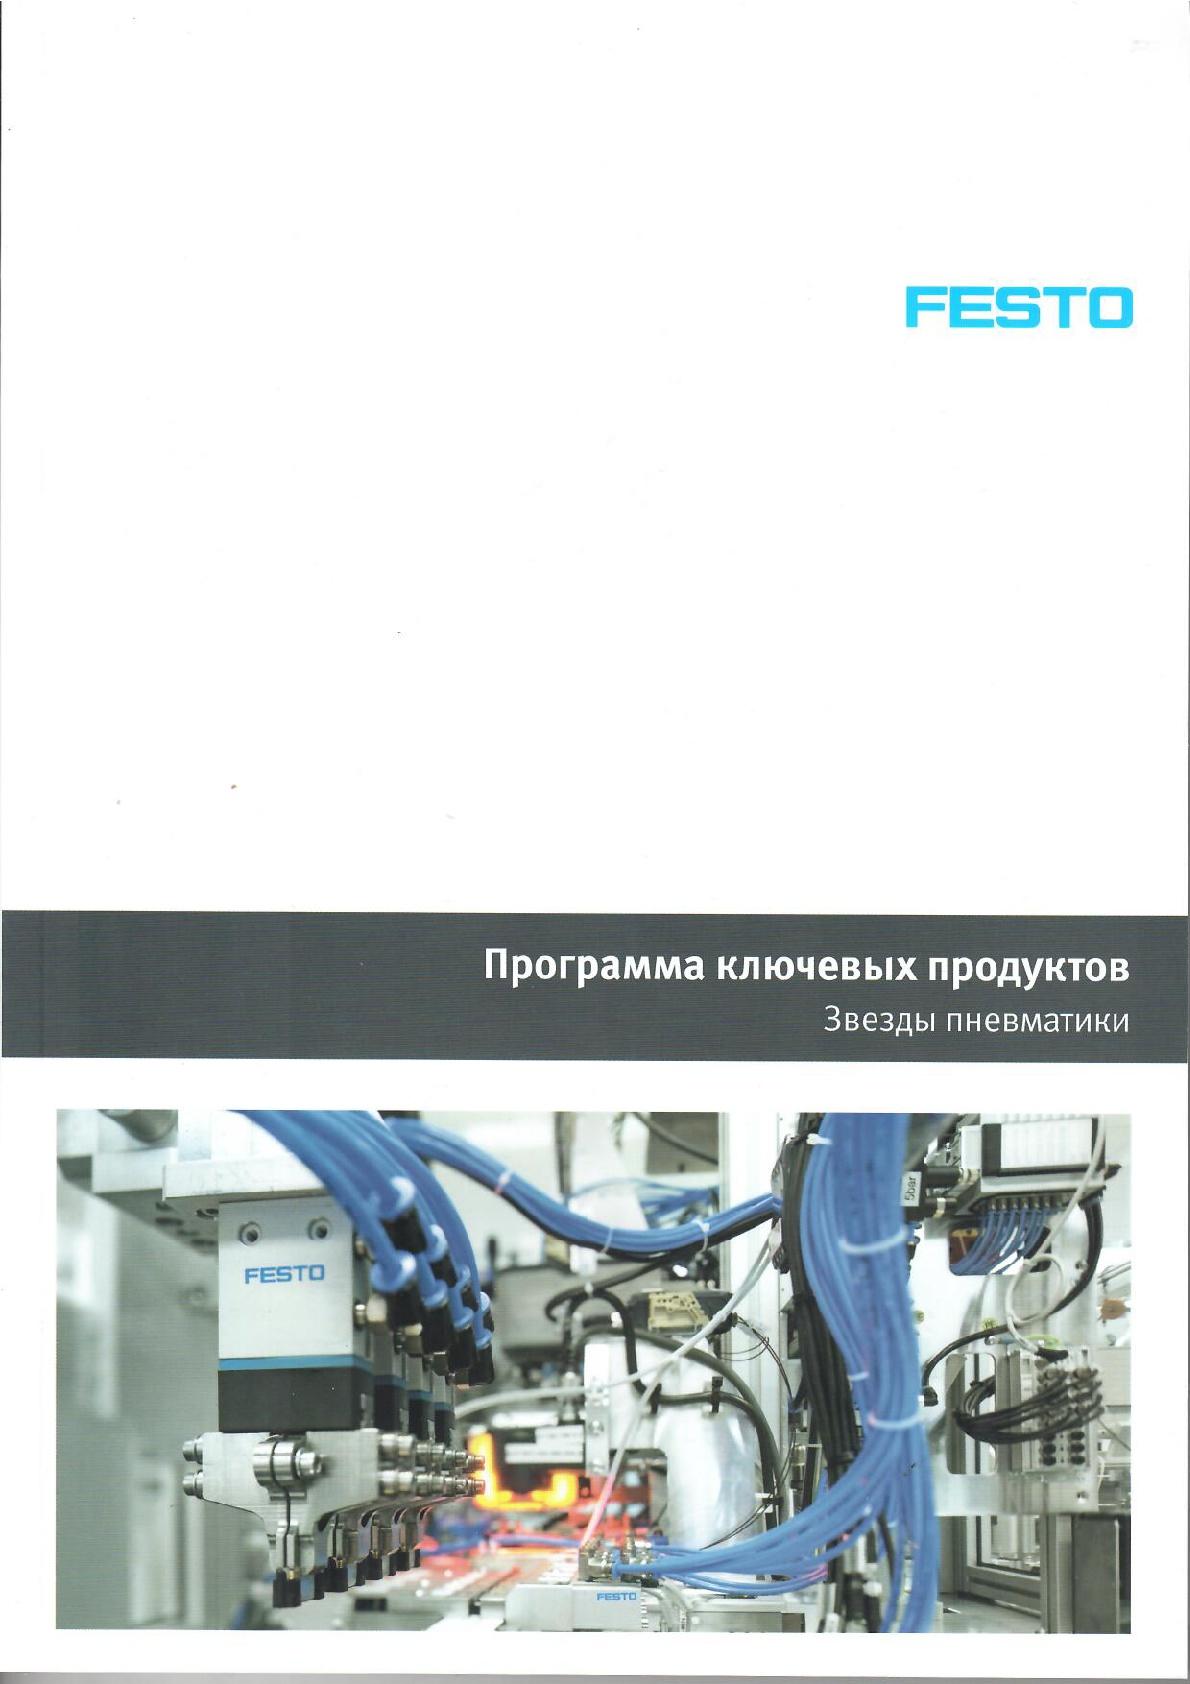 Официальный каталог продукции Festo